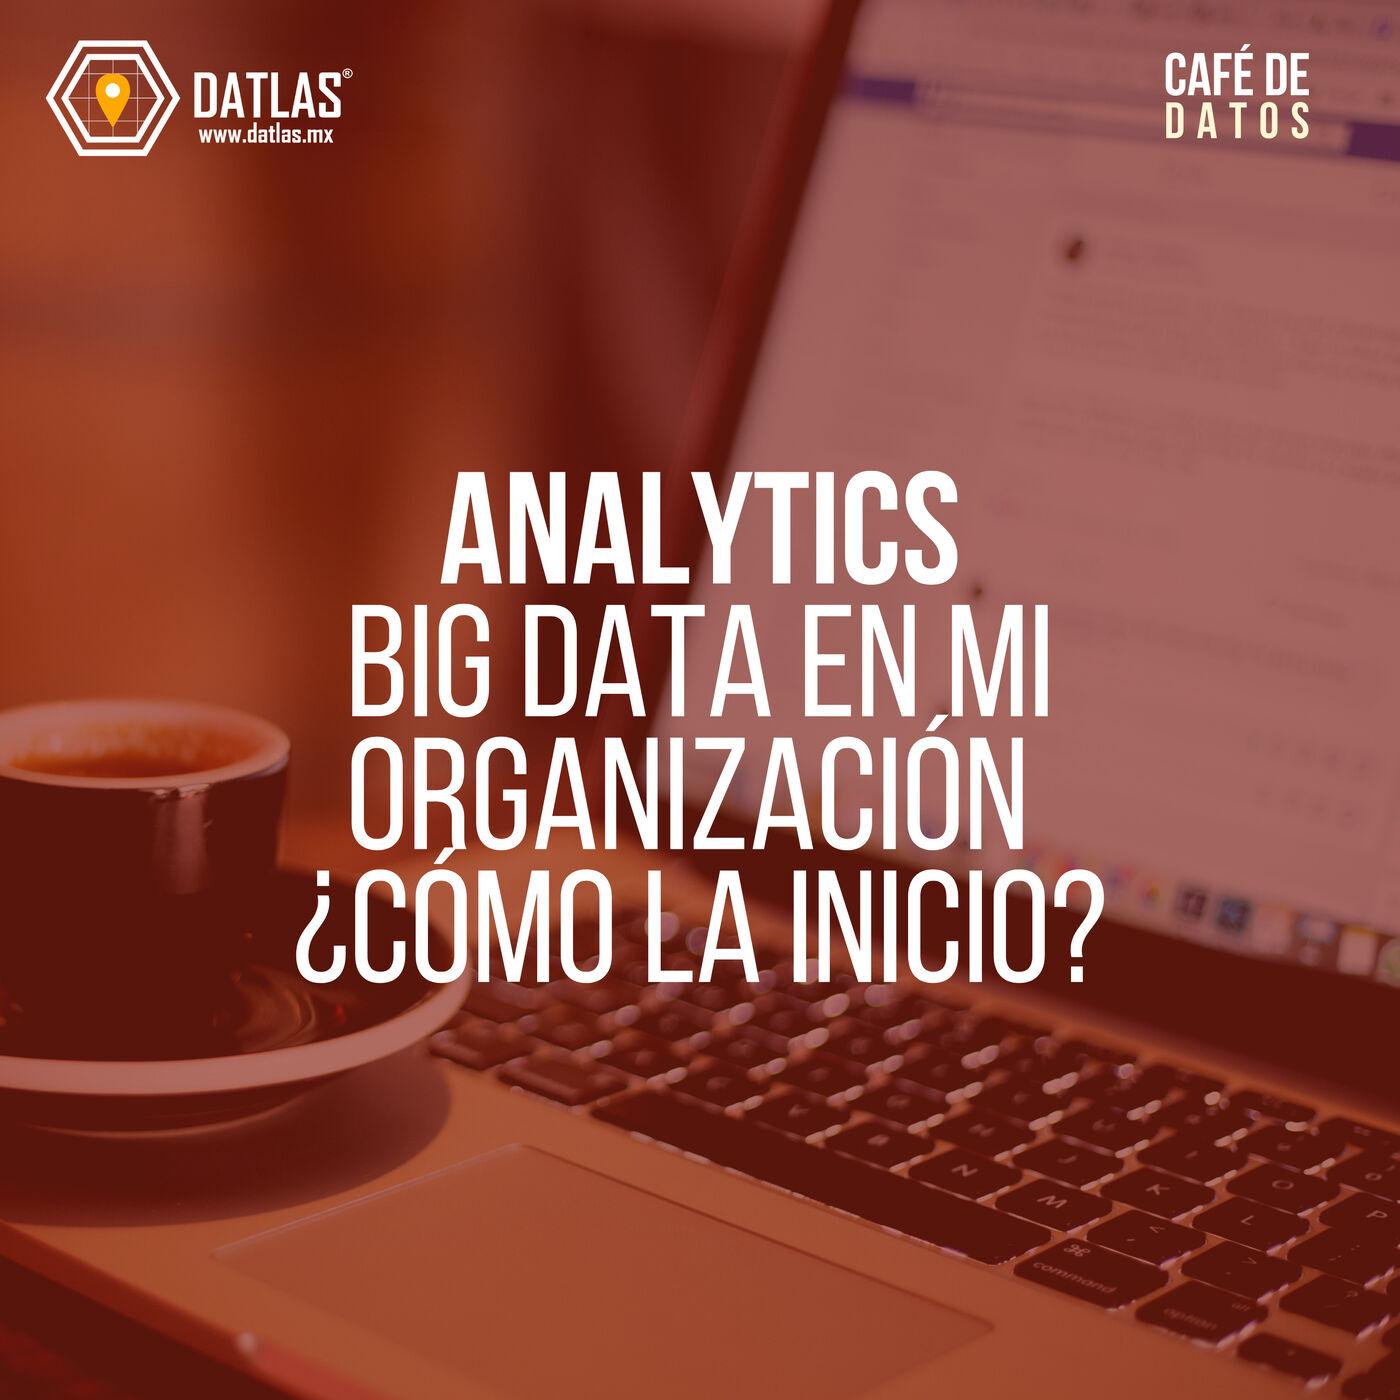 03. Analytics - Big data en mi organización ¿Cómo la inicio?